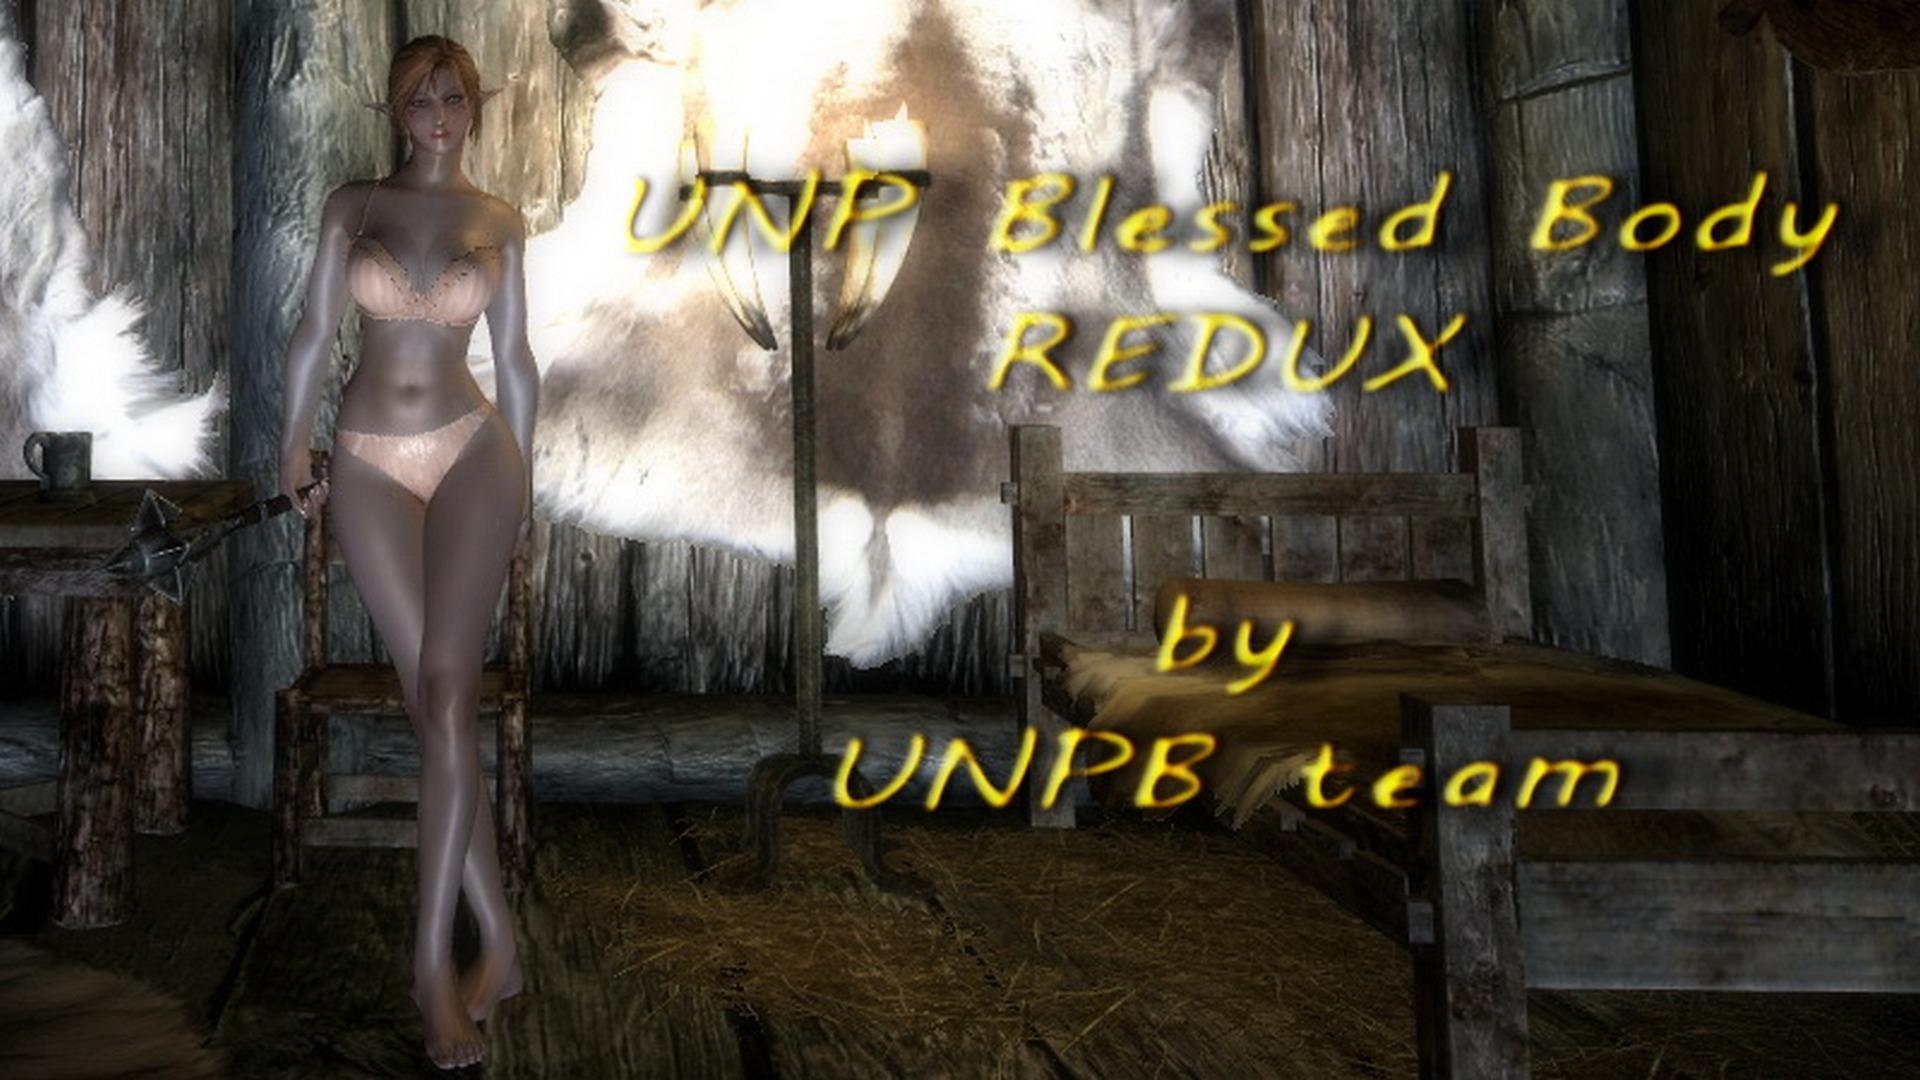 UNP_BLESSED_BODY.jpg